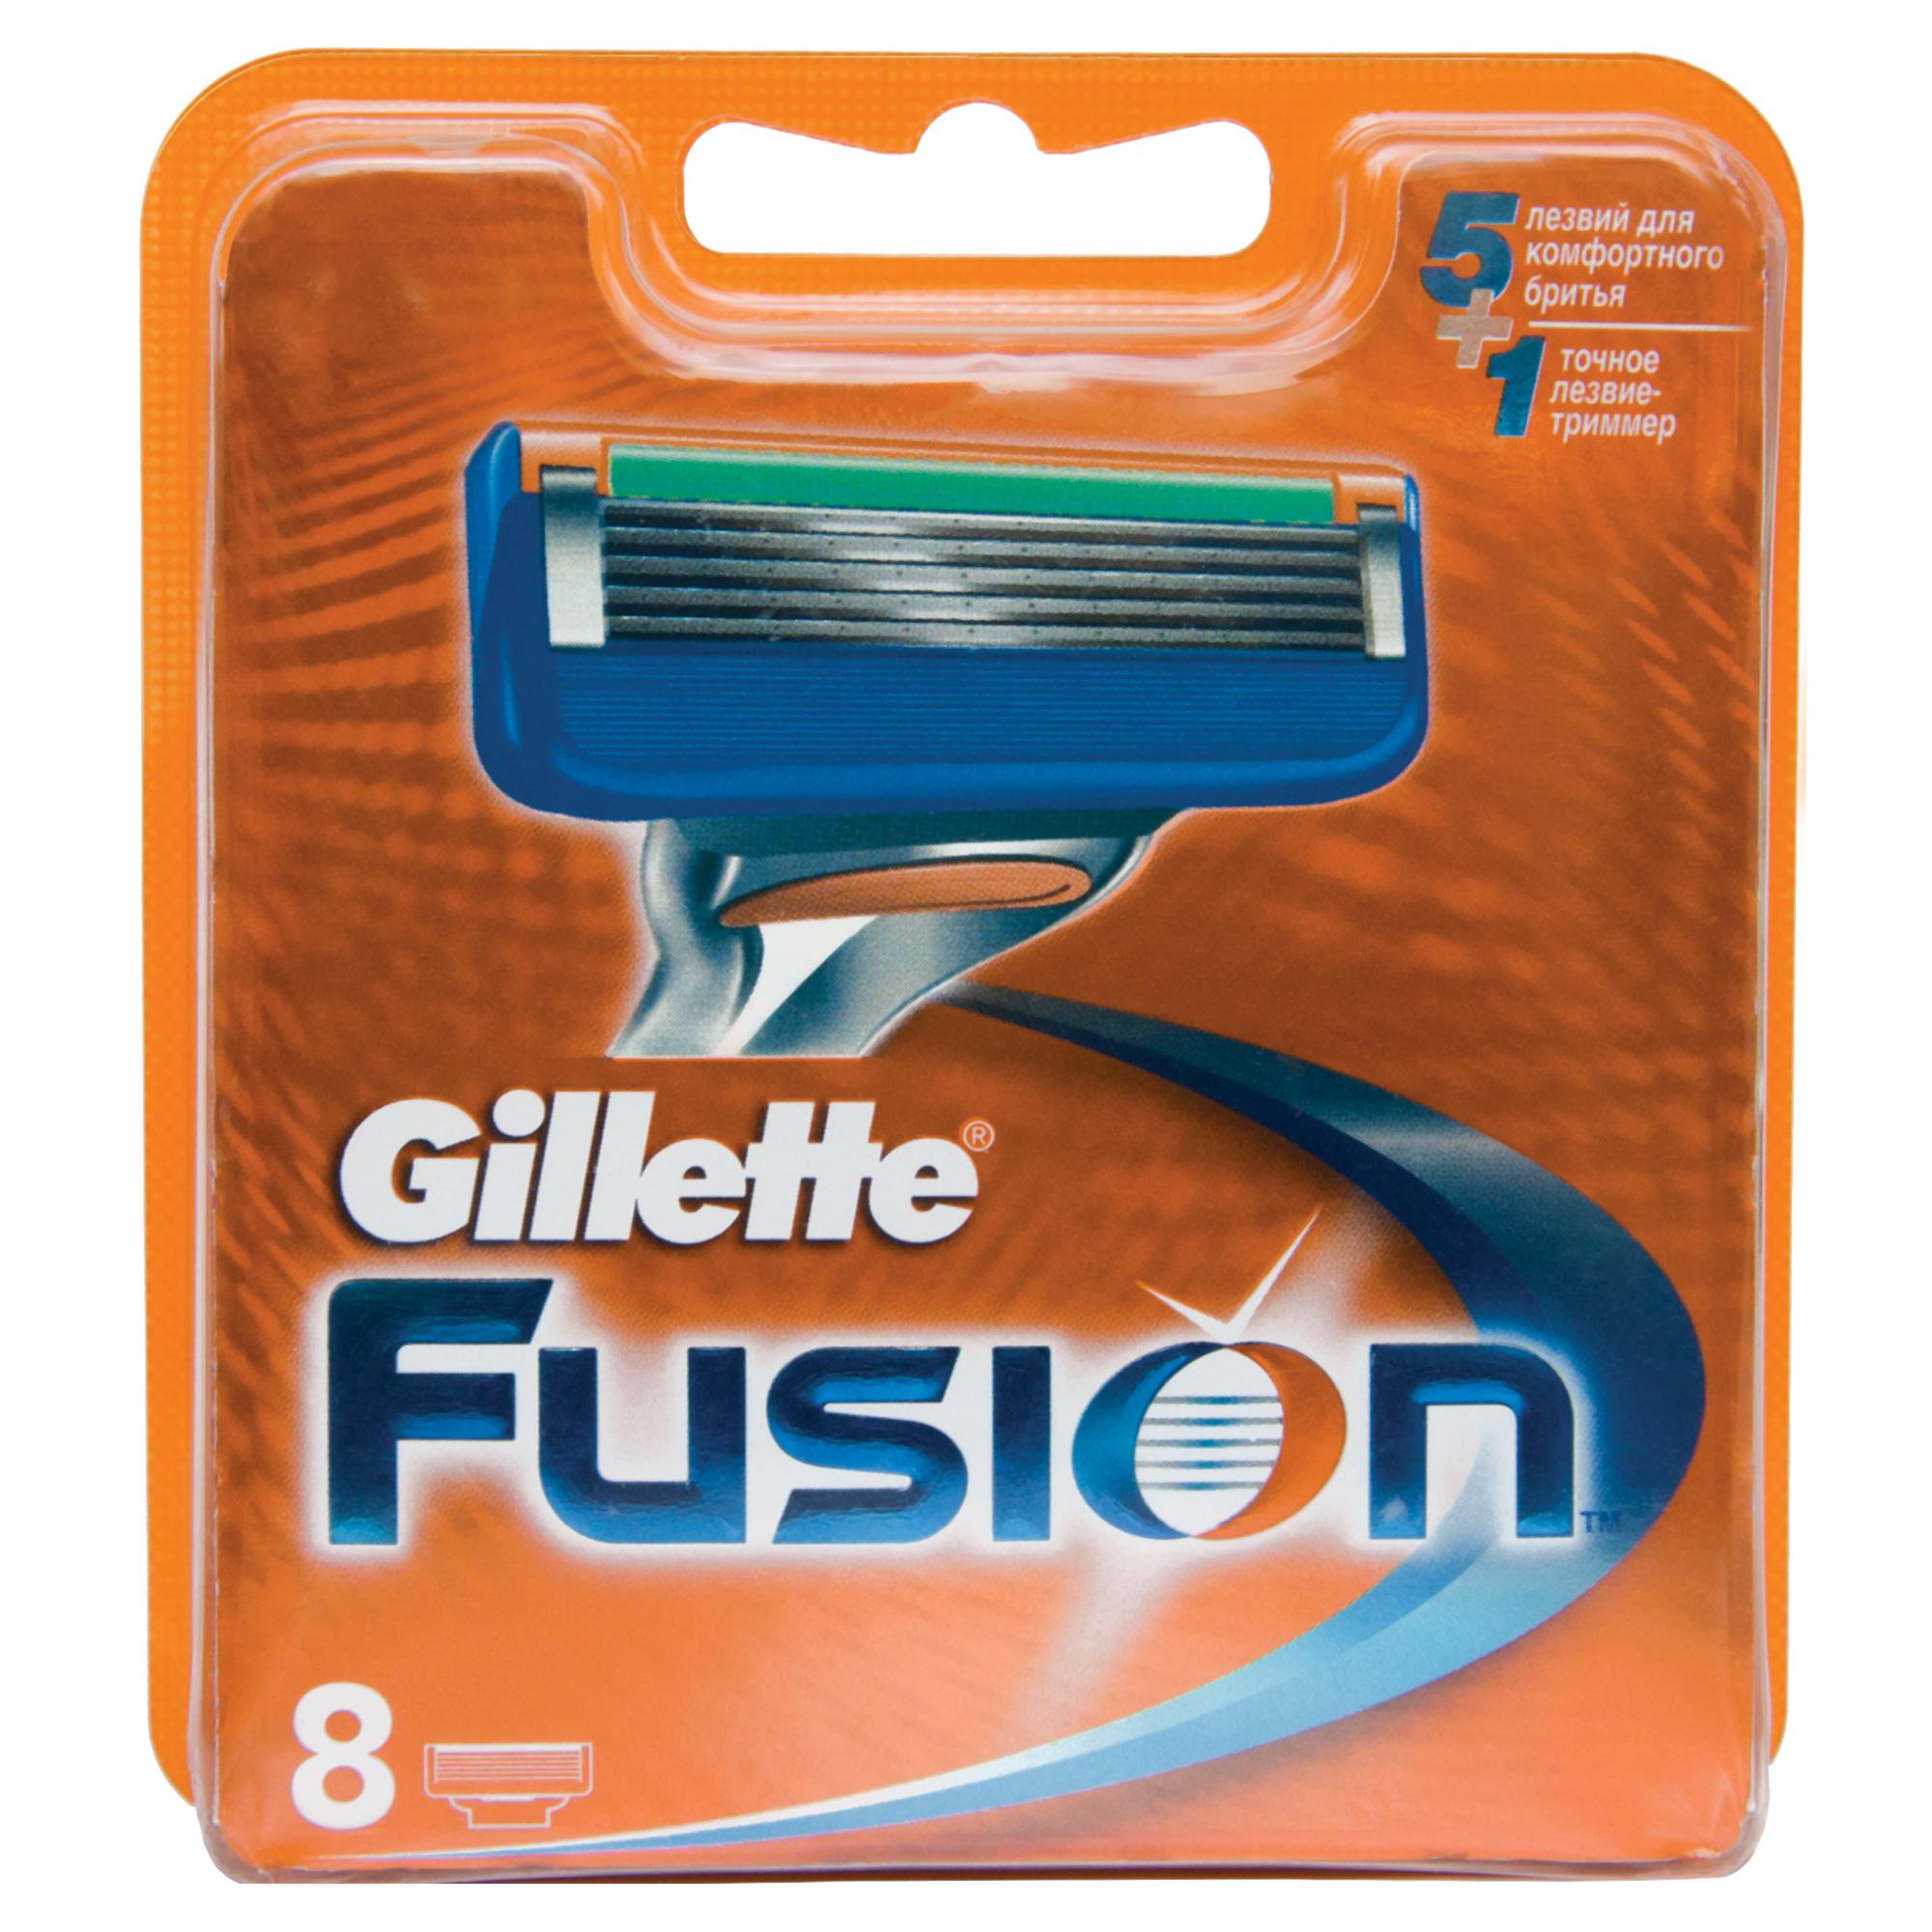 Сменные кассеты для бритья Gillette Fusion 8 шт<br>